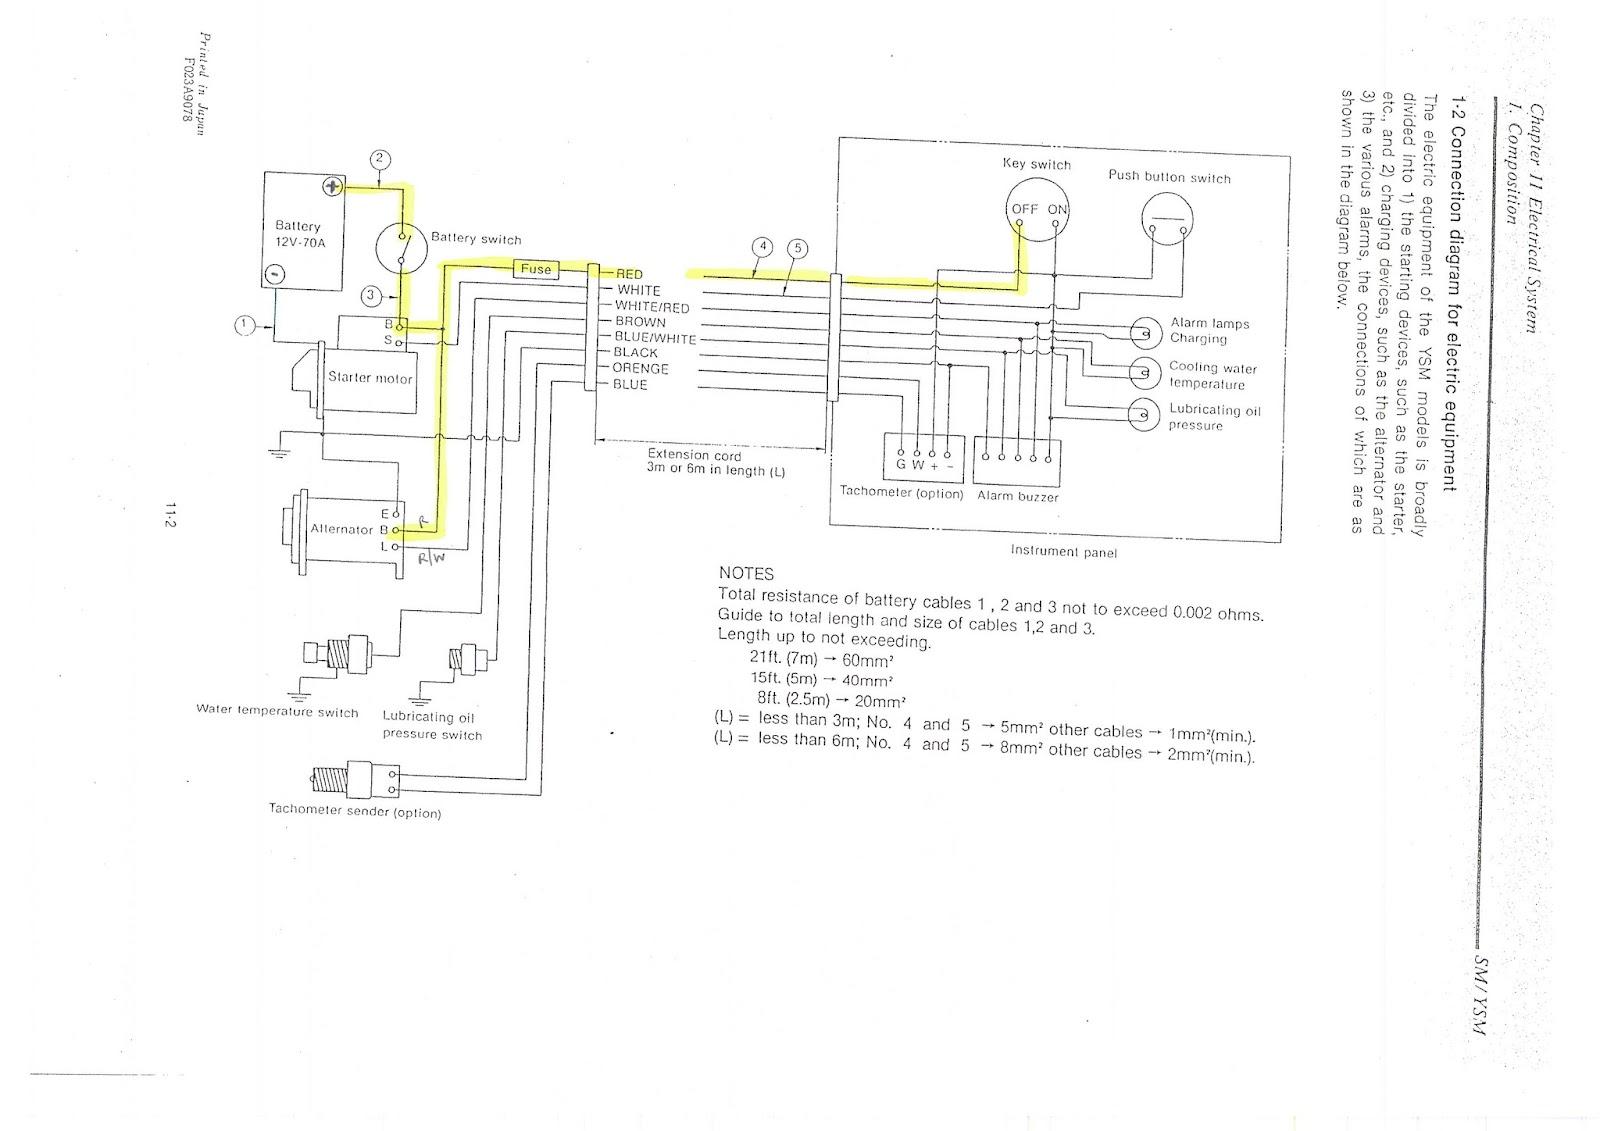 3 wire 140 amp alternator wiring diagram